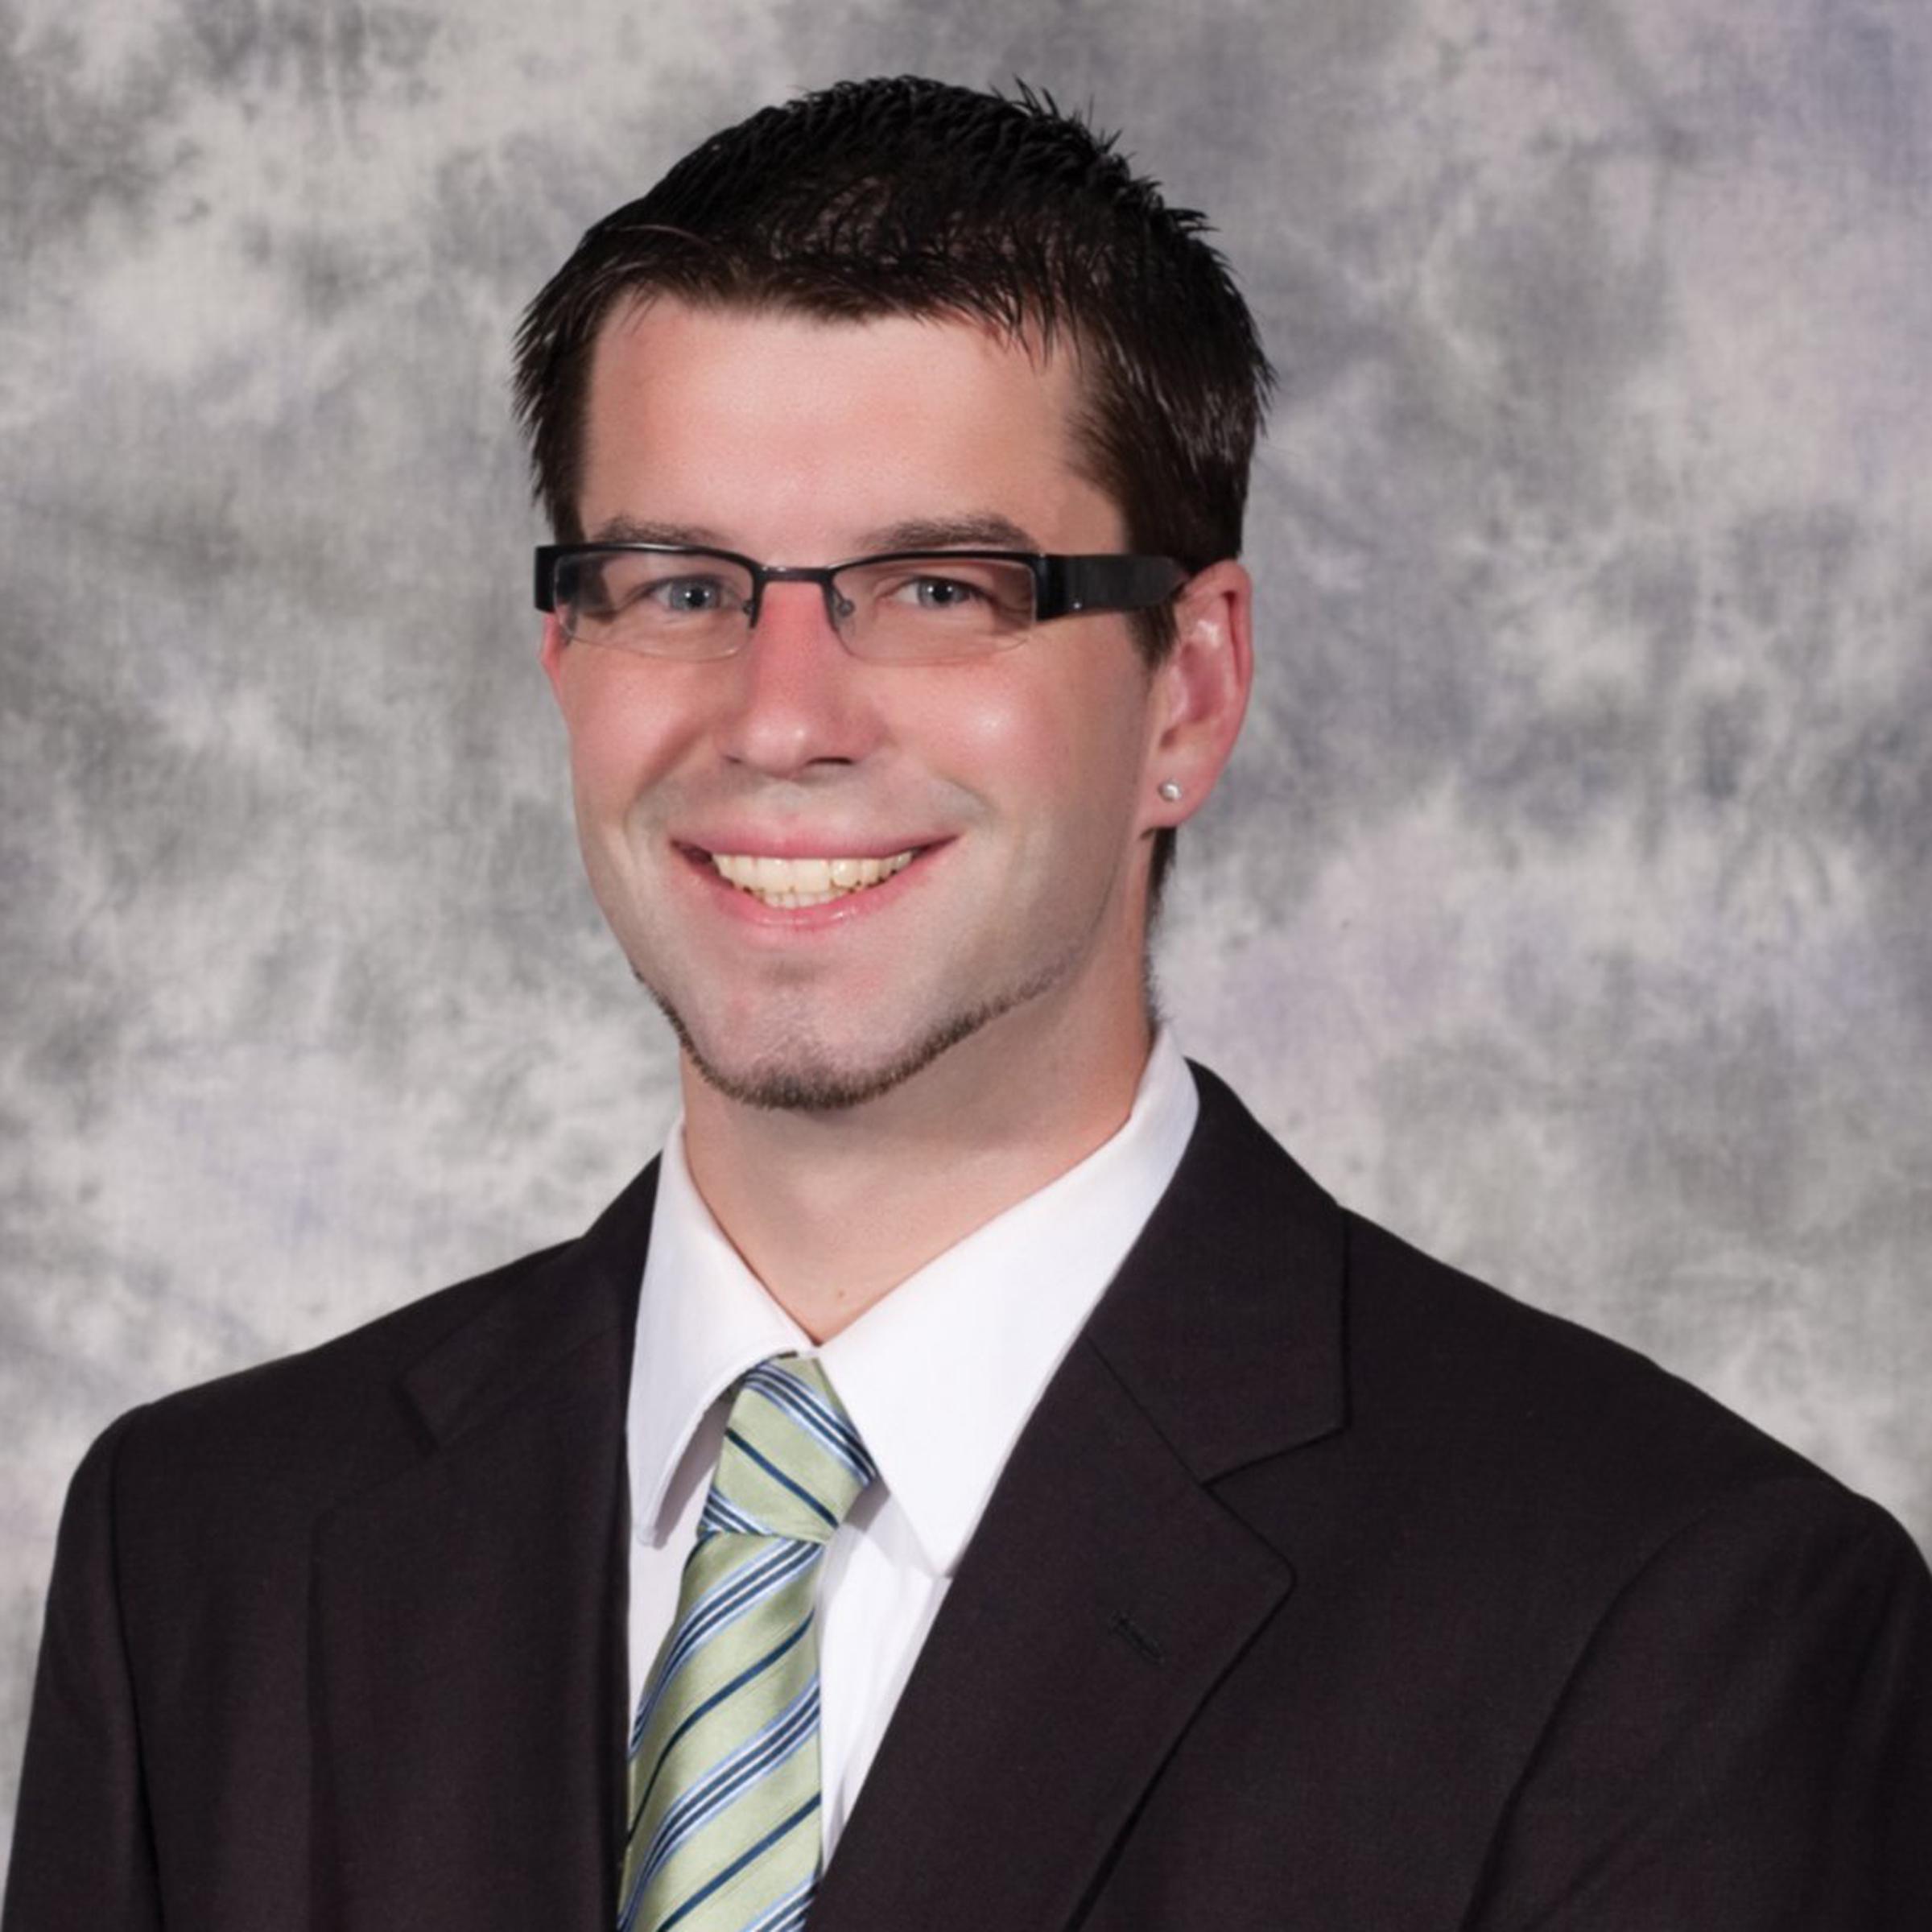 Ryan Beauvais